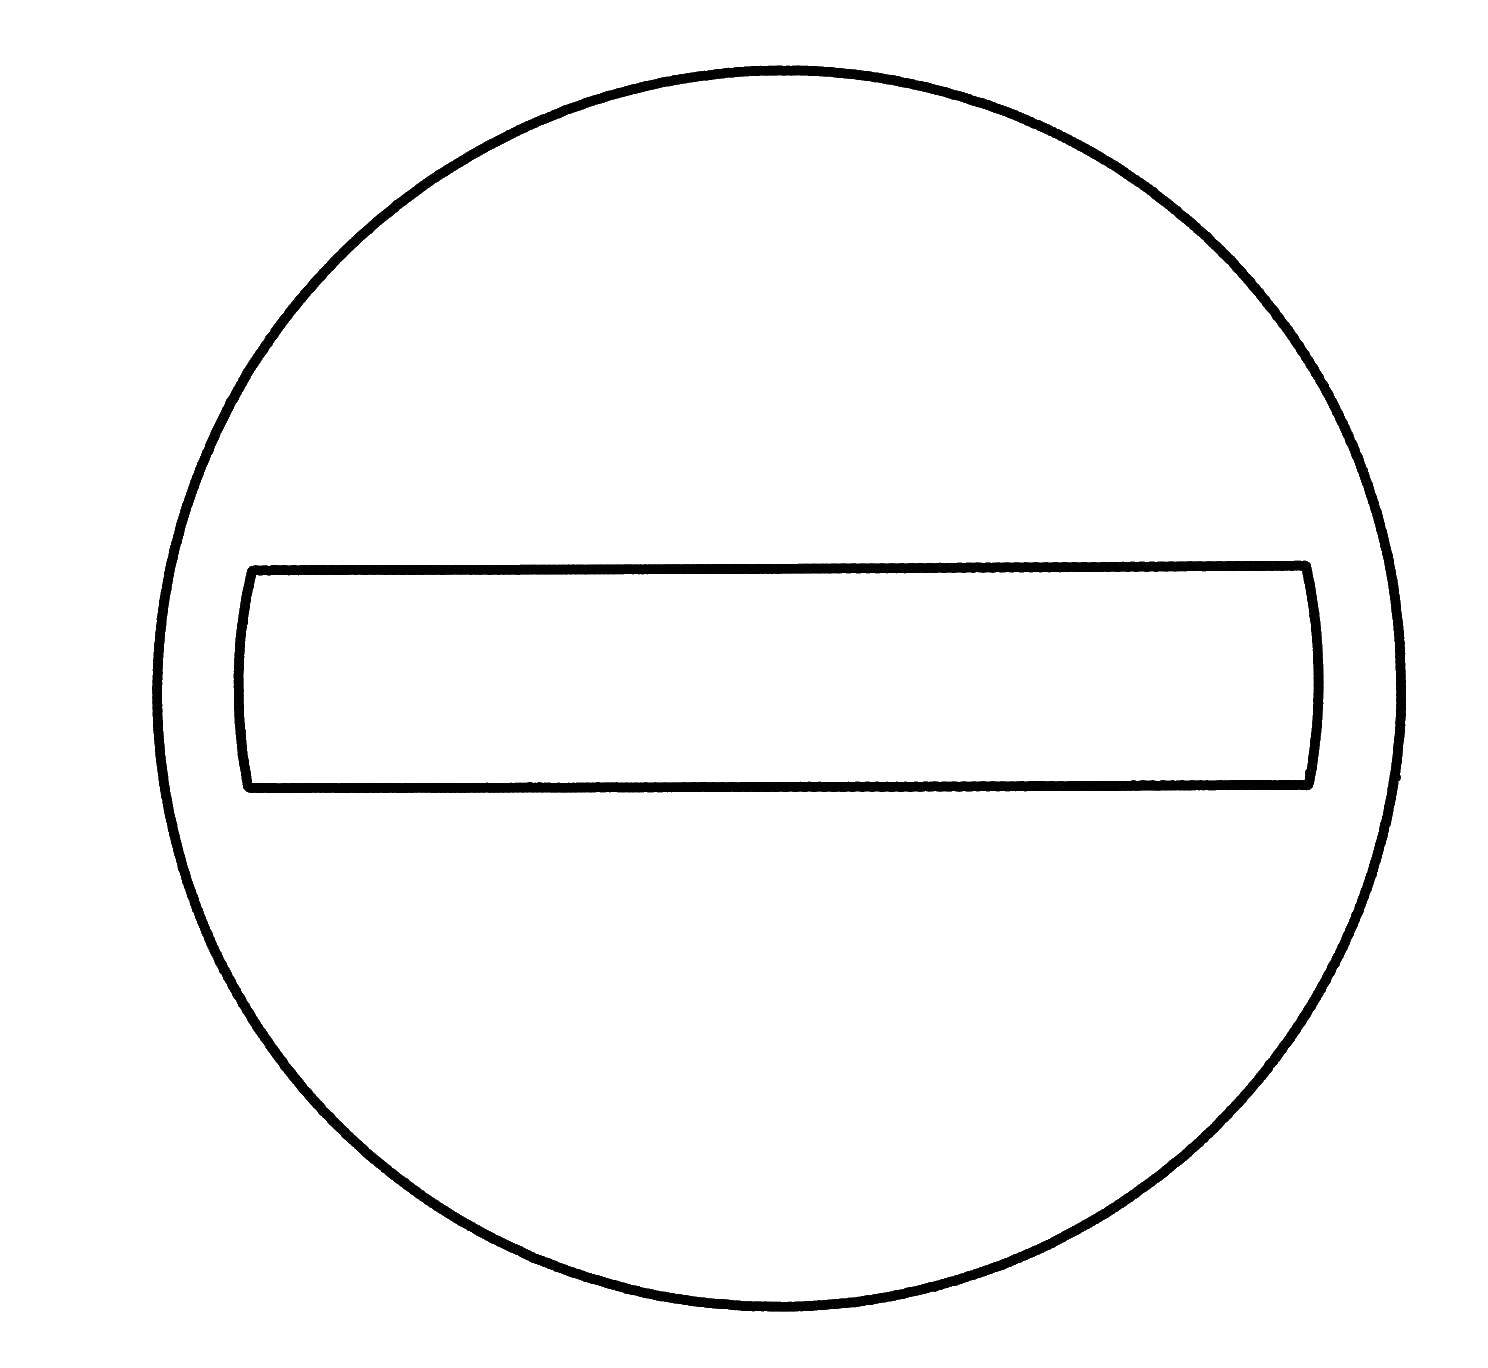 Раскраска Знак кирпич проезд запрещен Скачать дорожный знак.  Распечатать ,правила дорожного движения,